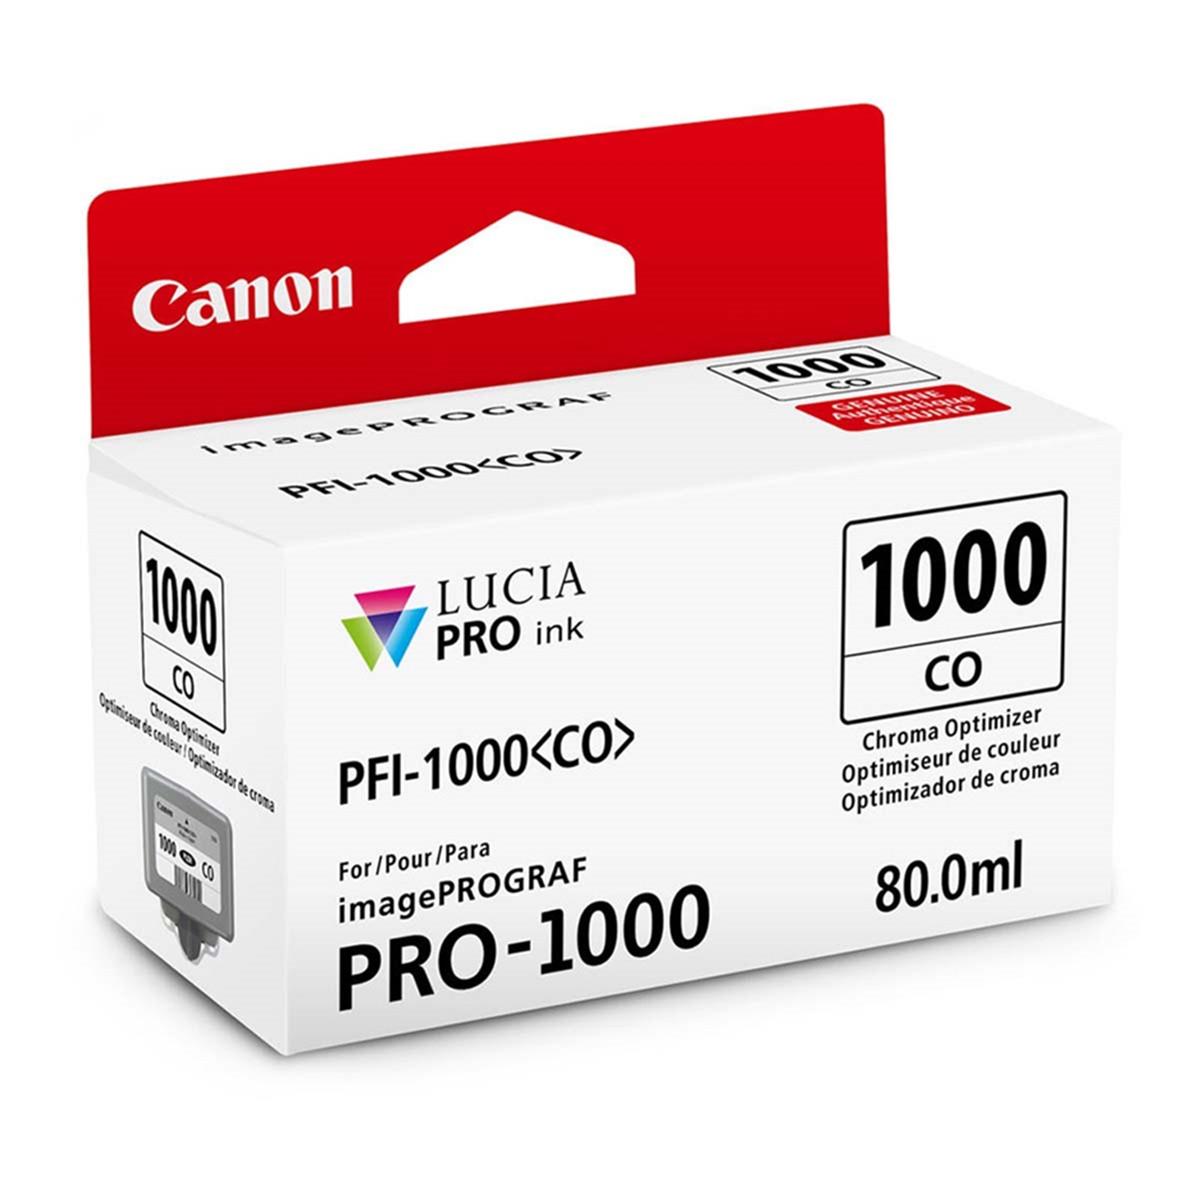 Cartucho de Tinta Canon PFI-1000 PFI-1000CO Chroma Optimizer | Original 80ml